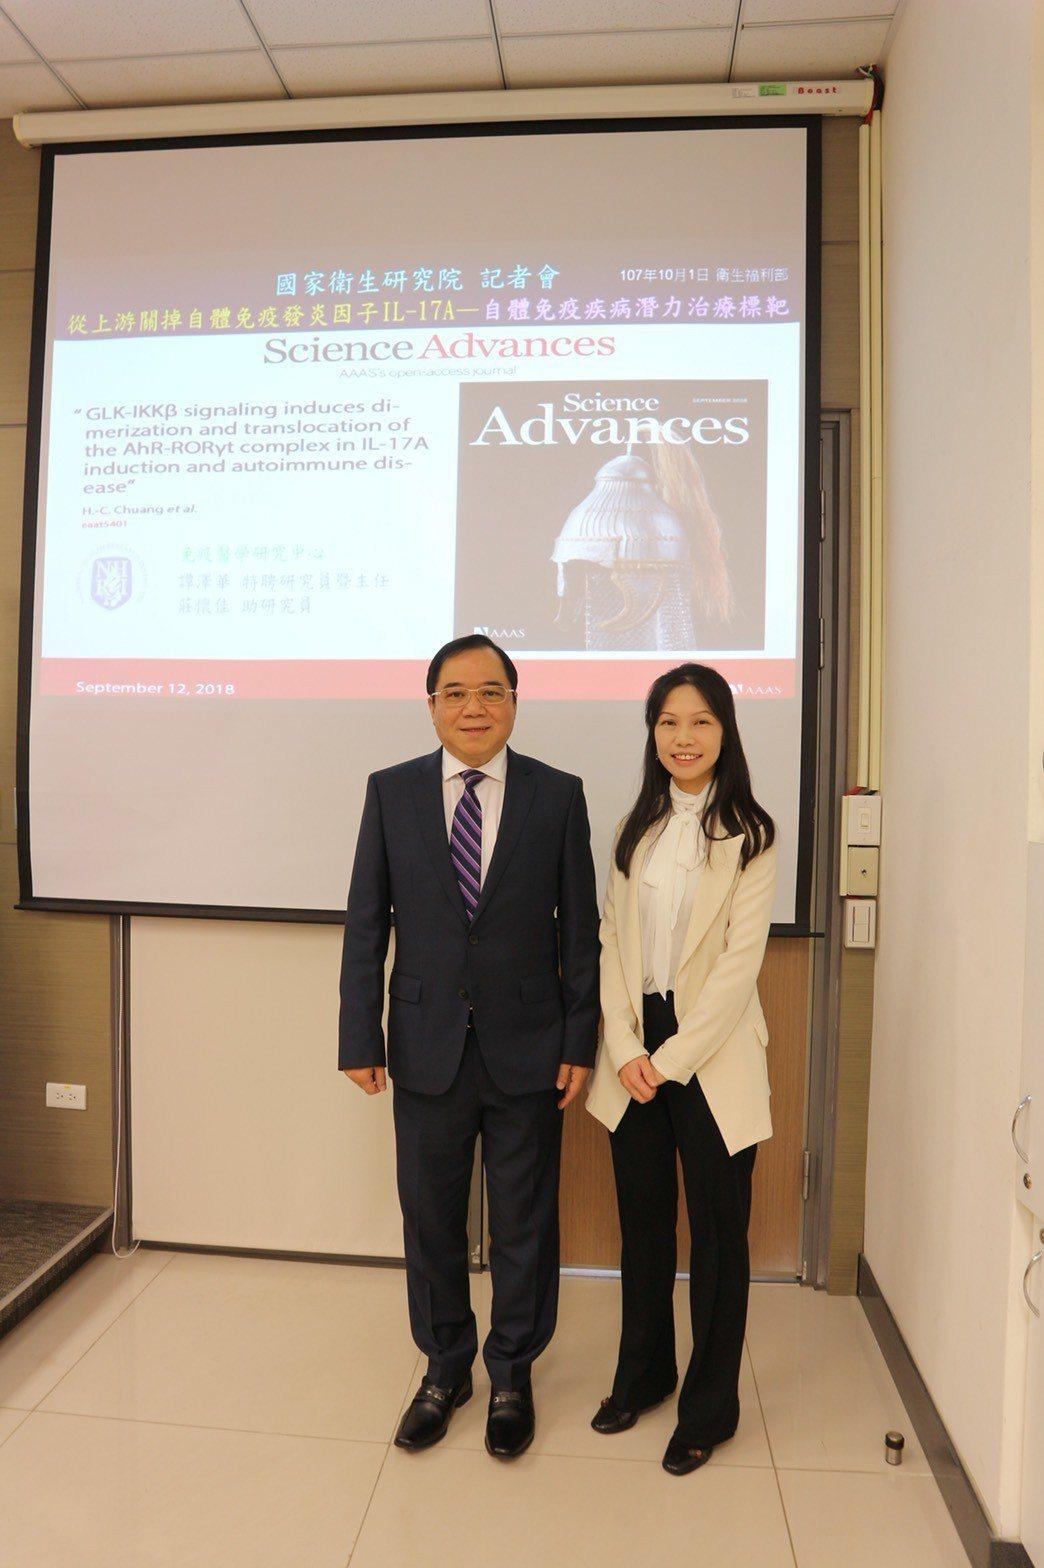 國衛院免疫醫學研究中心主任譚澤華(左)、莊懷佳助研究員(右)。圖/國衛院提供